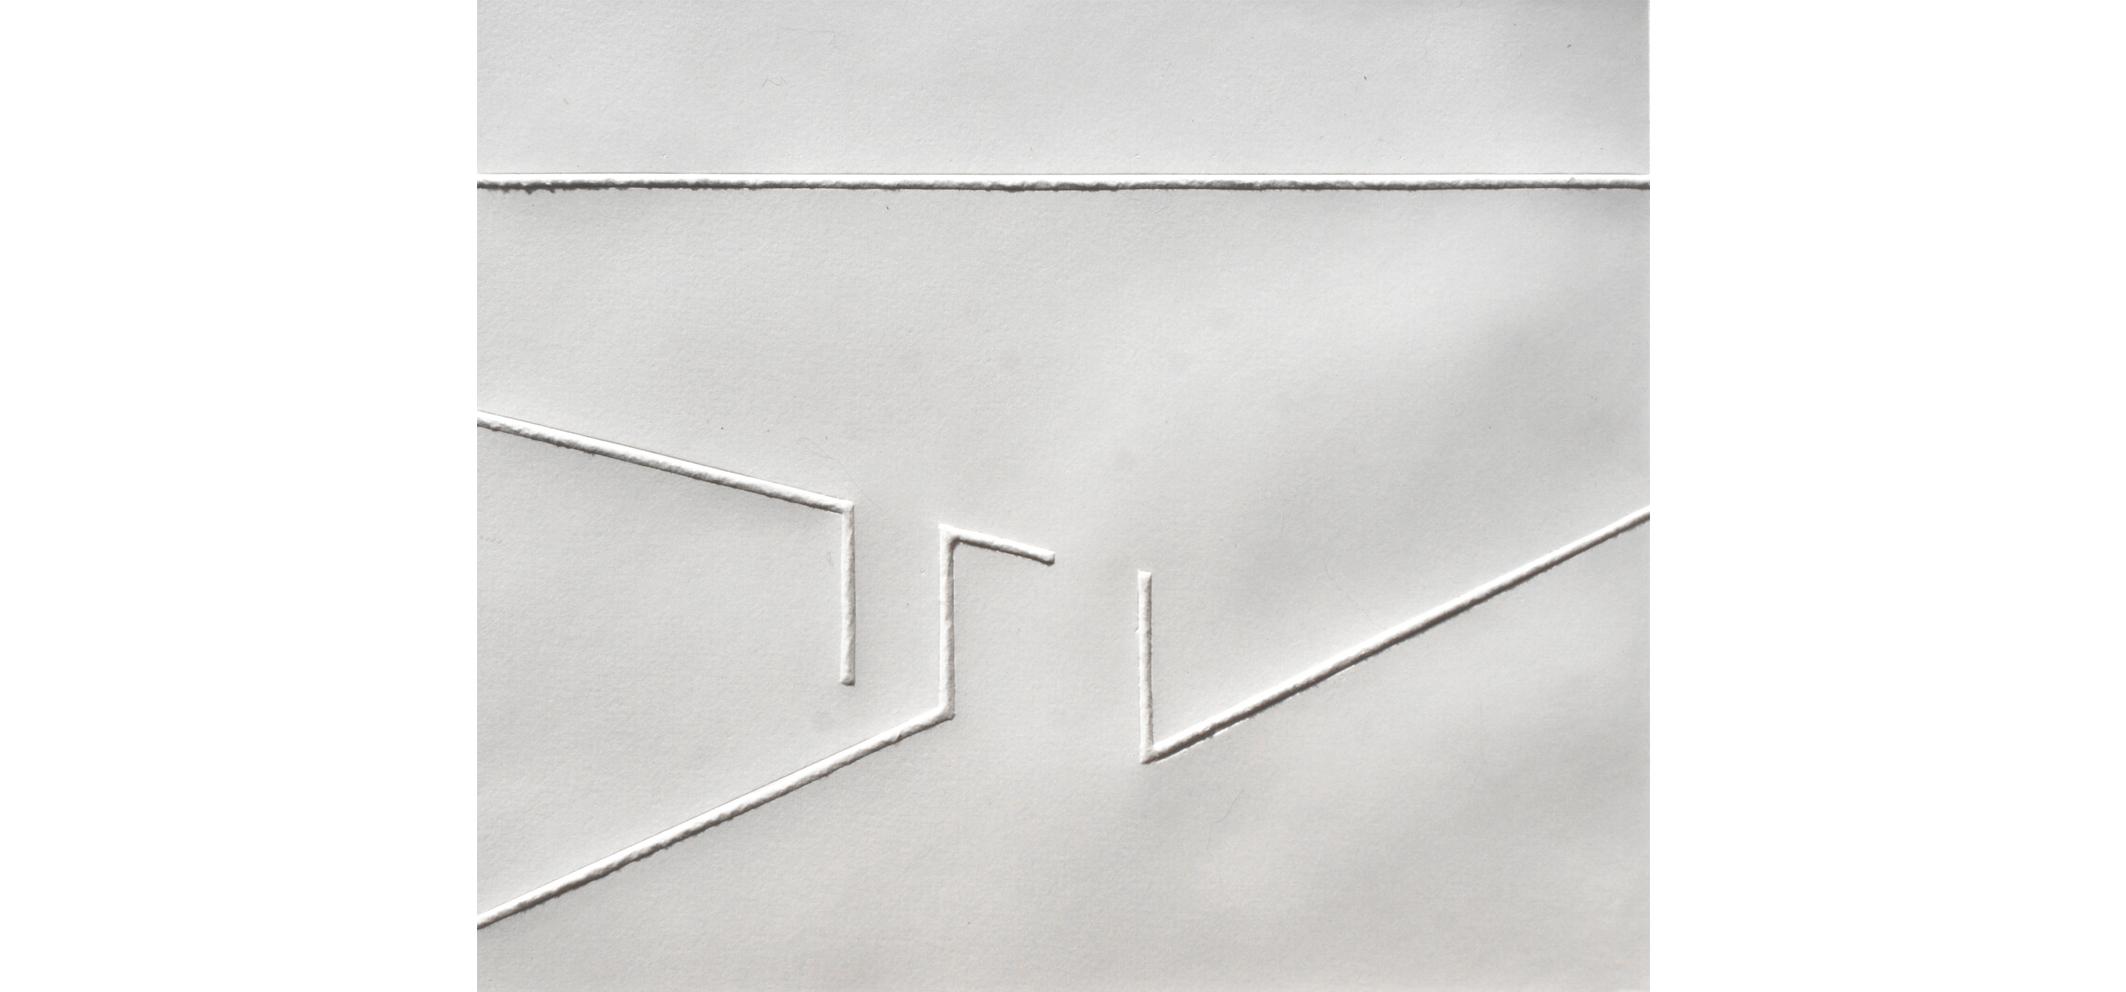 Ostia IV, 2012 (blinddruk) 17cm x 24,5cm